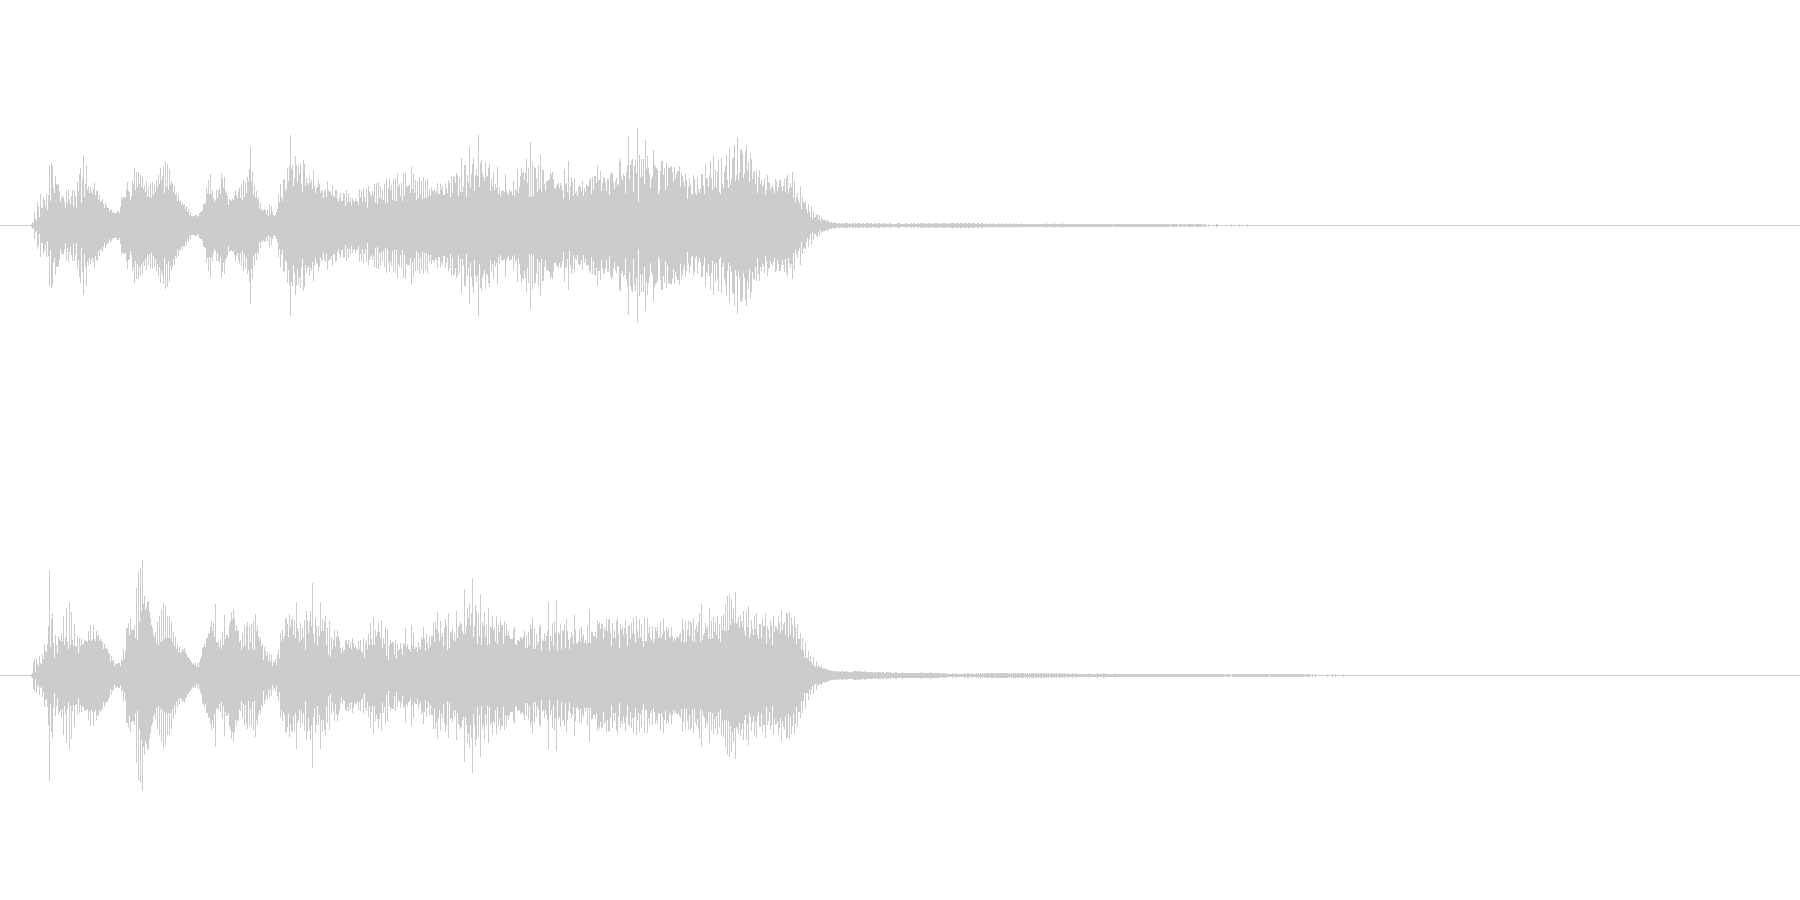 玩具系ファンファーレ-06の未再生の波形